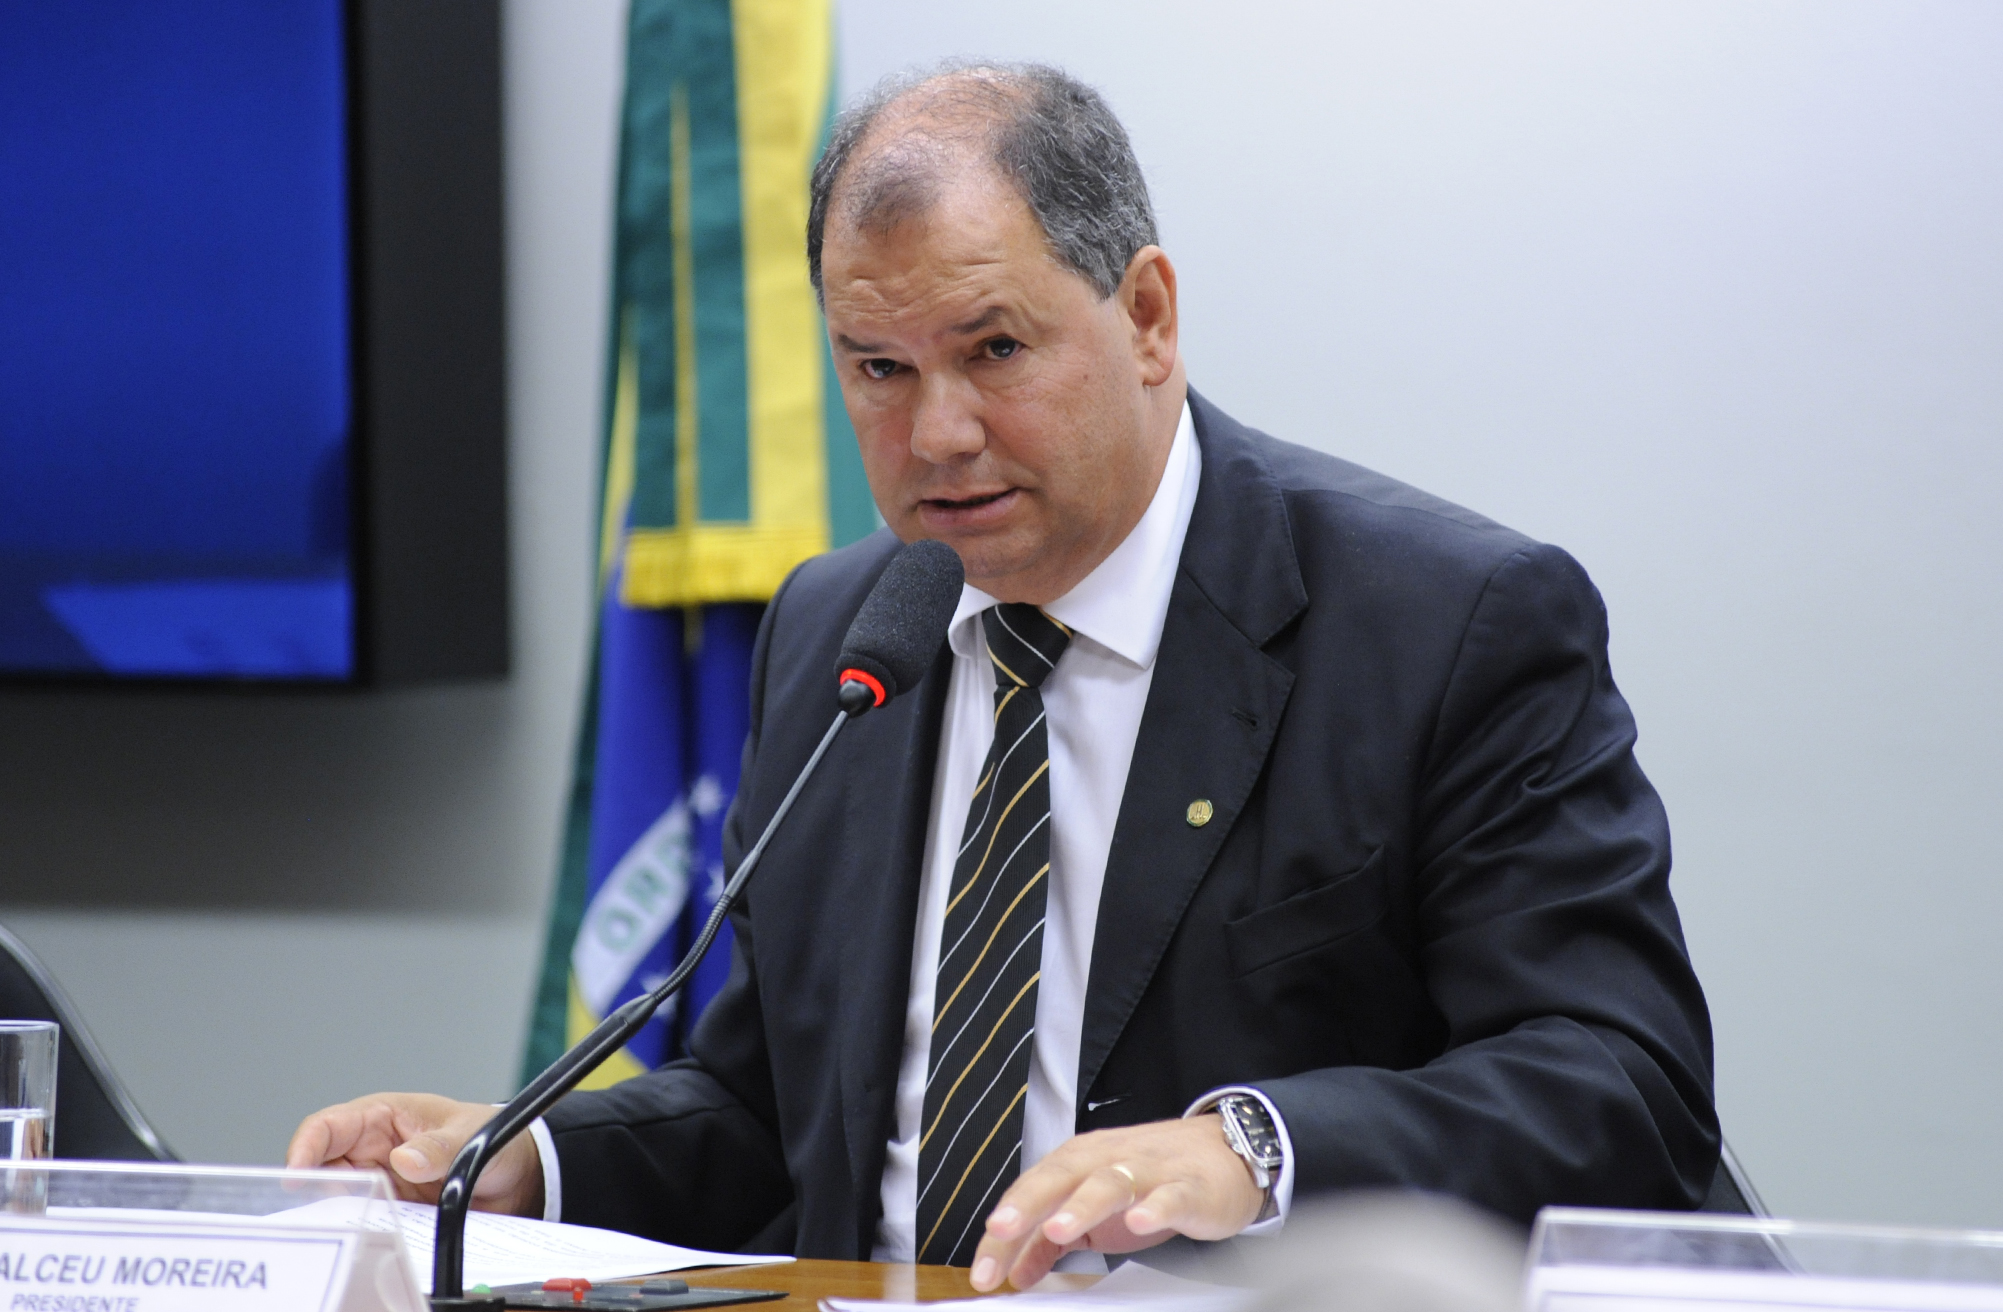 Reunião de instalação da CPI e eleição para composição da mesa. Presidente eleito, dep. Alceu Moreira (PMDB-RS)